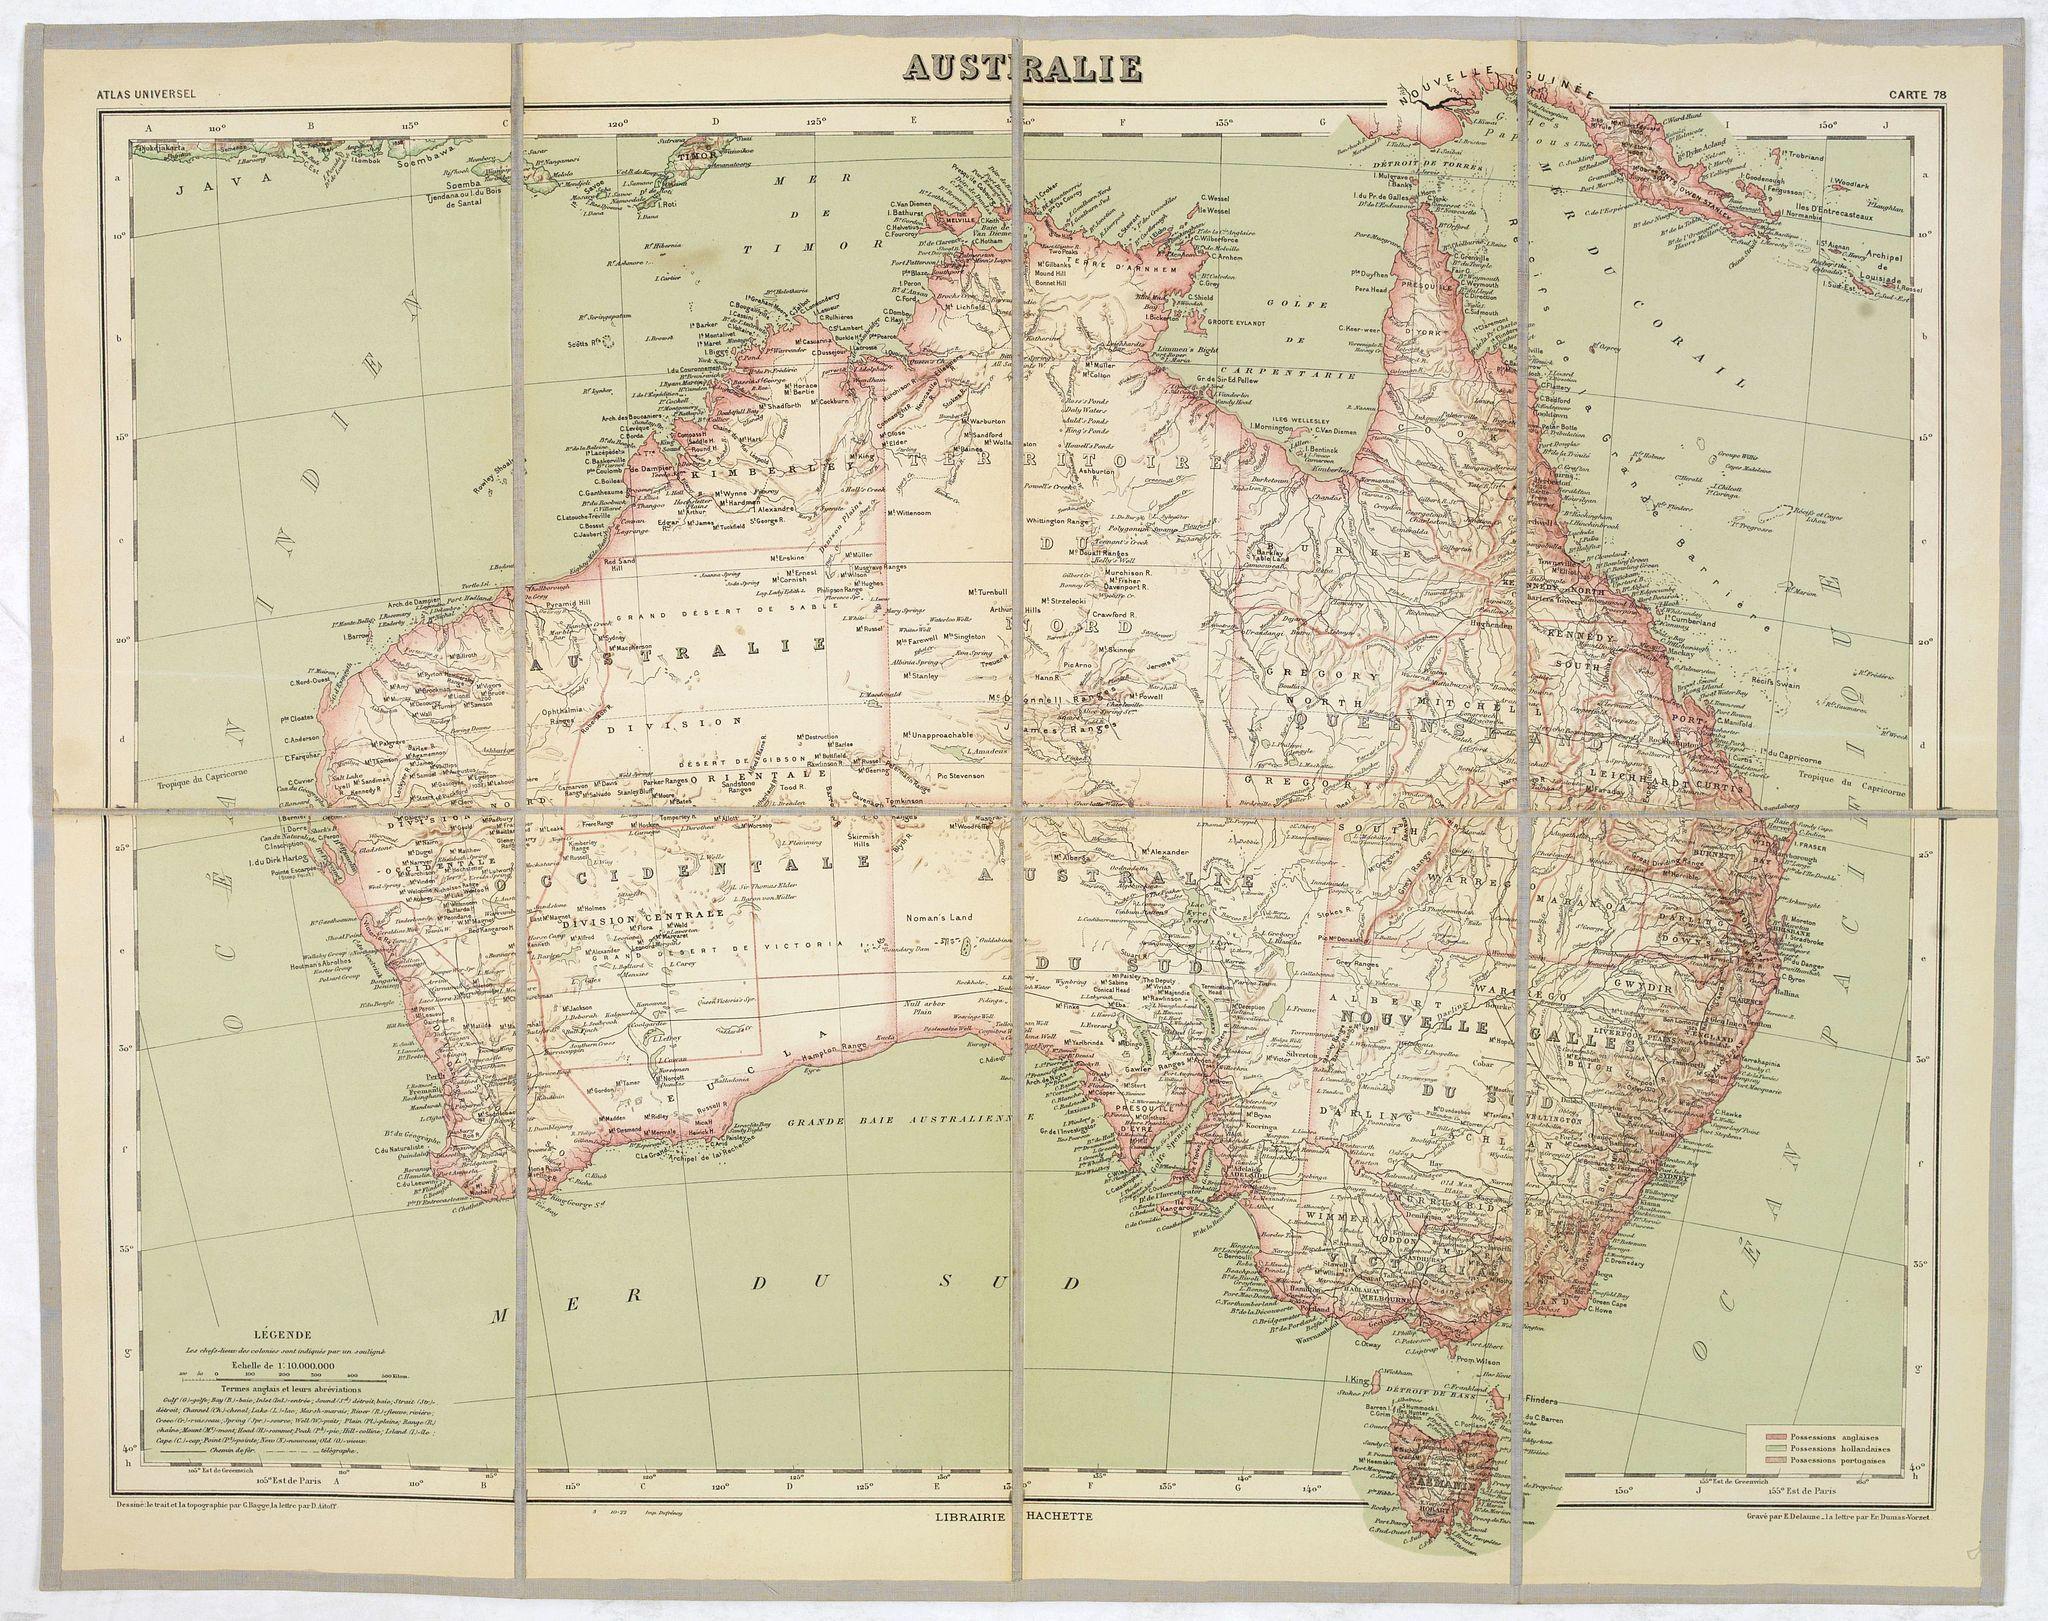 VIVIEN. ST. MARTIN, L. -  AUSTRALIE